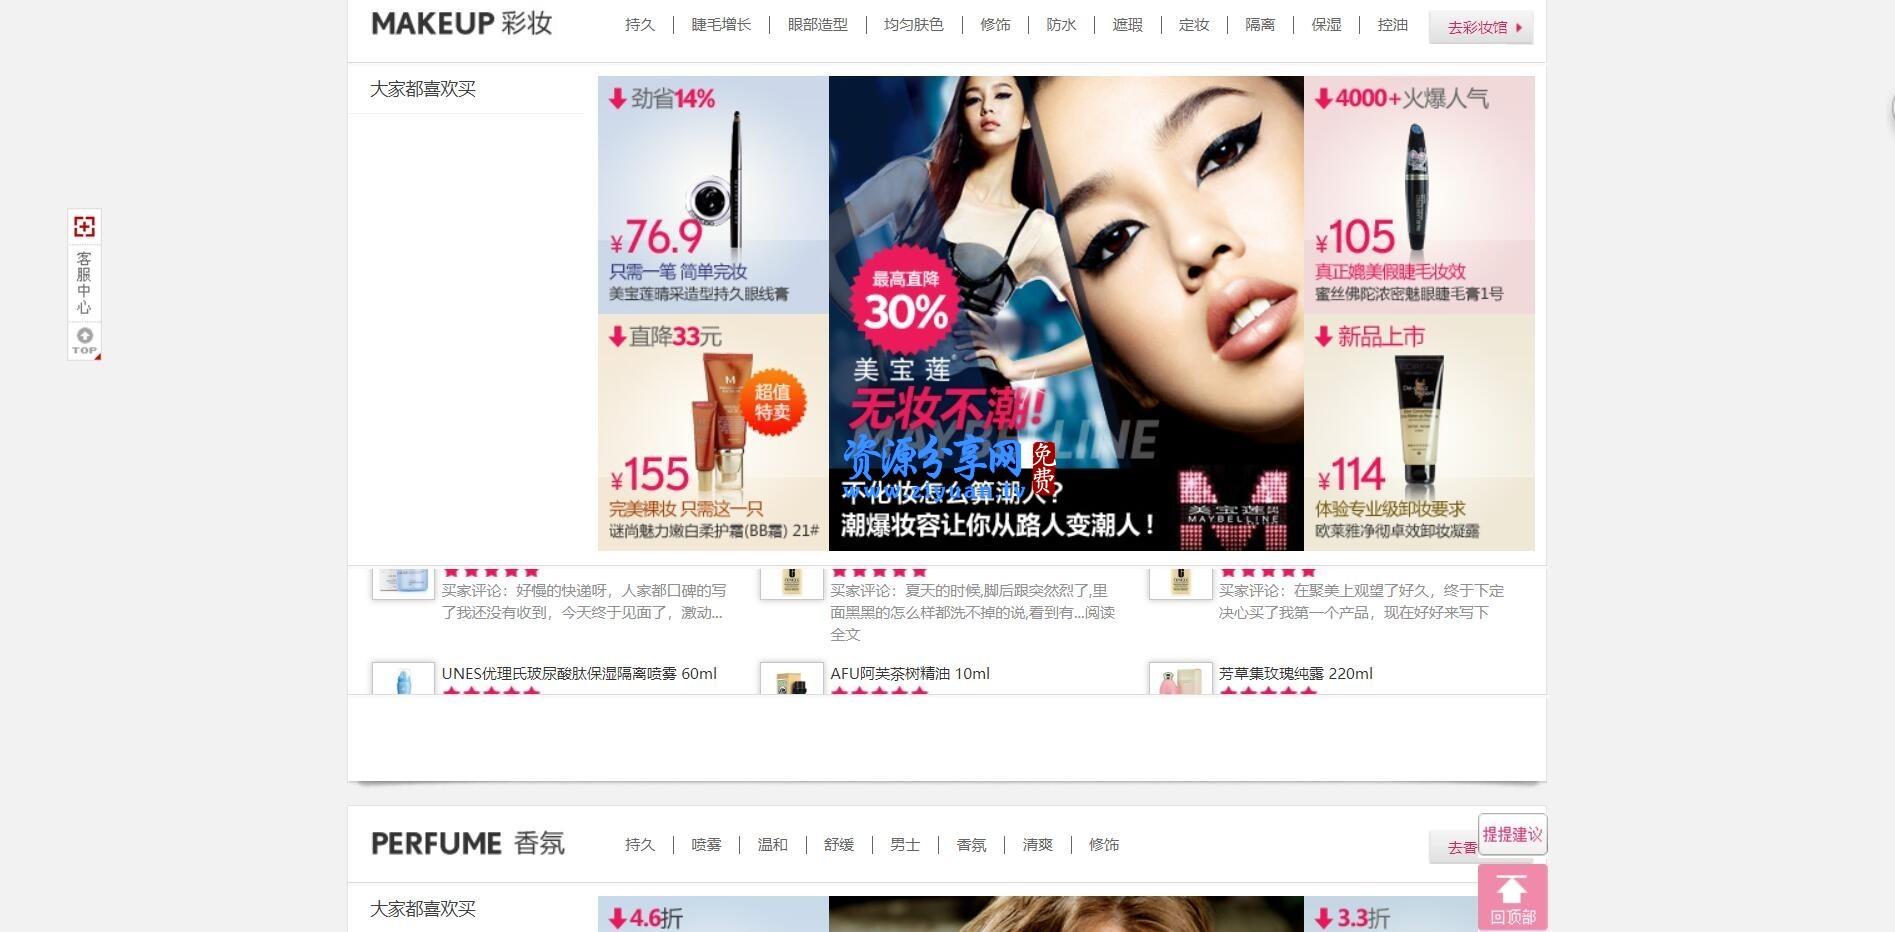 ecshop 仿聚美优品商业模板+特卖+团购+客服+批量传图 美容护肤类专用模版